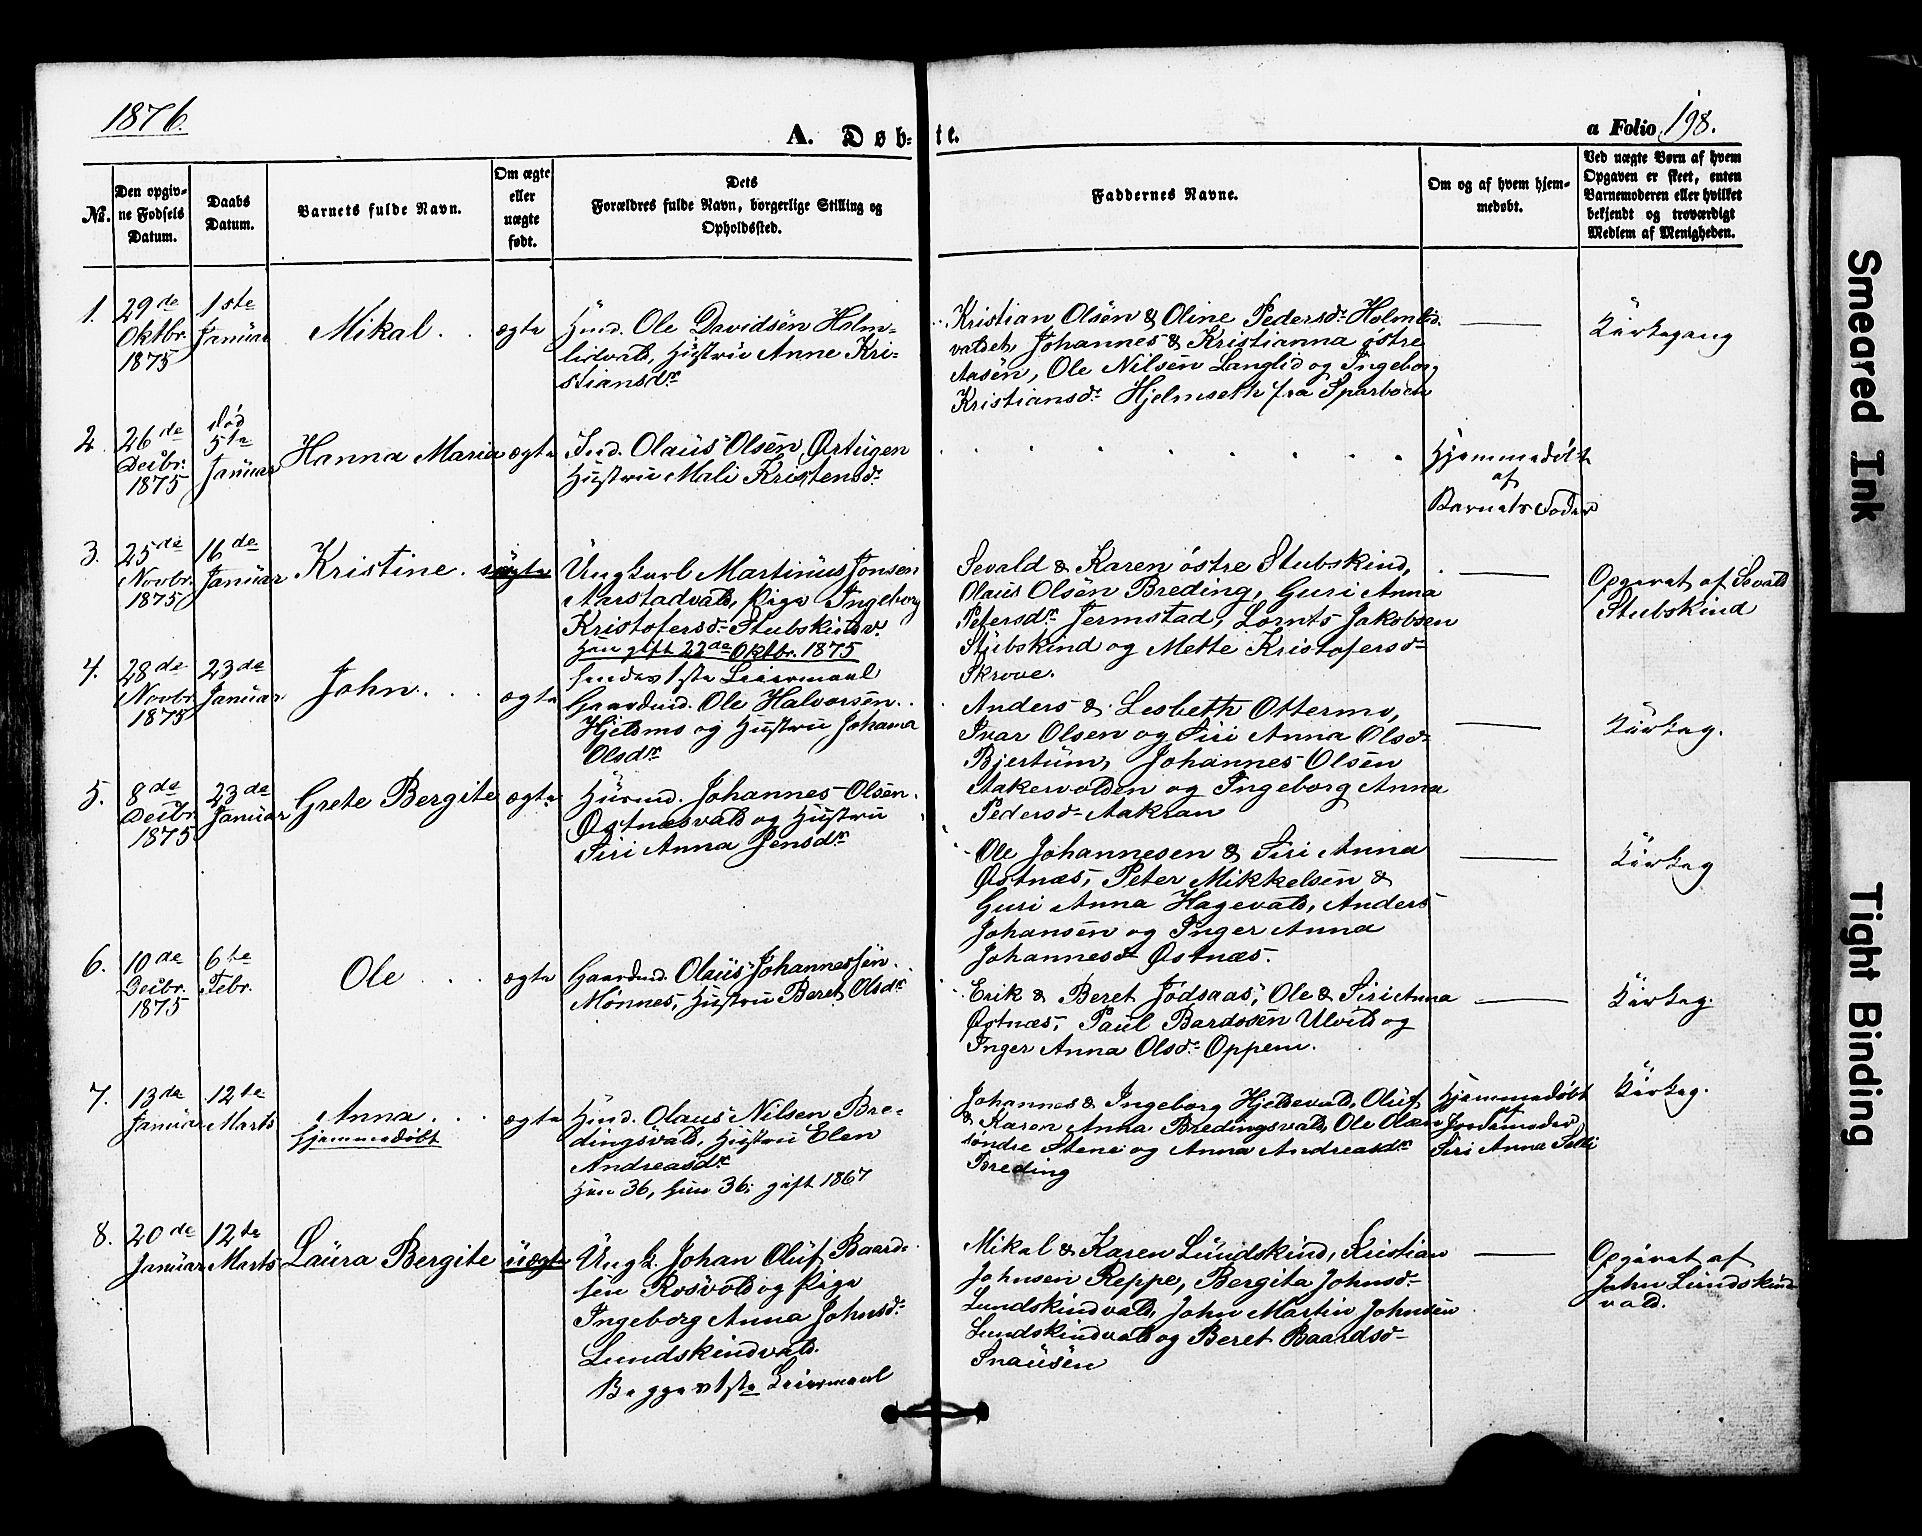 SAT, Ministerialprotokoller, klokkerbøker og fødselsregistre - Nord-Trøndelag, 724/L0268: Klokkerbok nr. 724C04, 1846-1878, s. 198